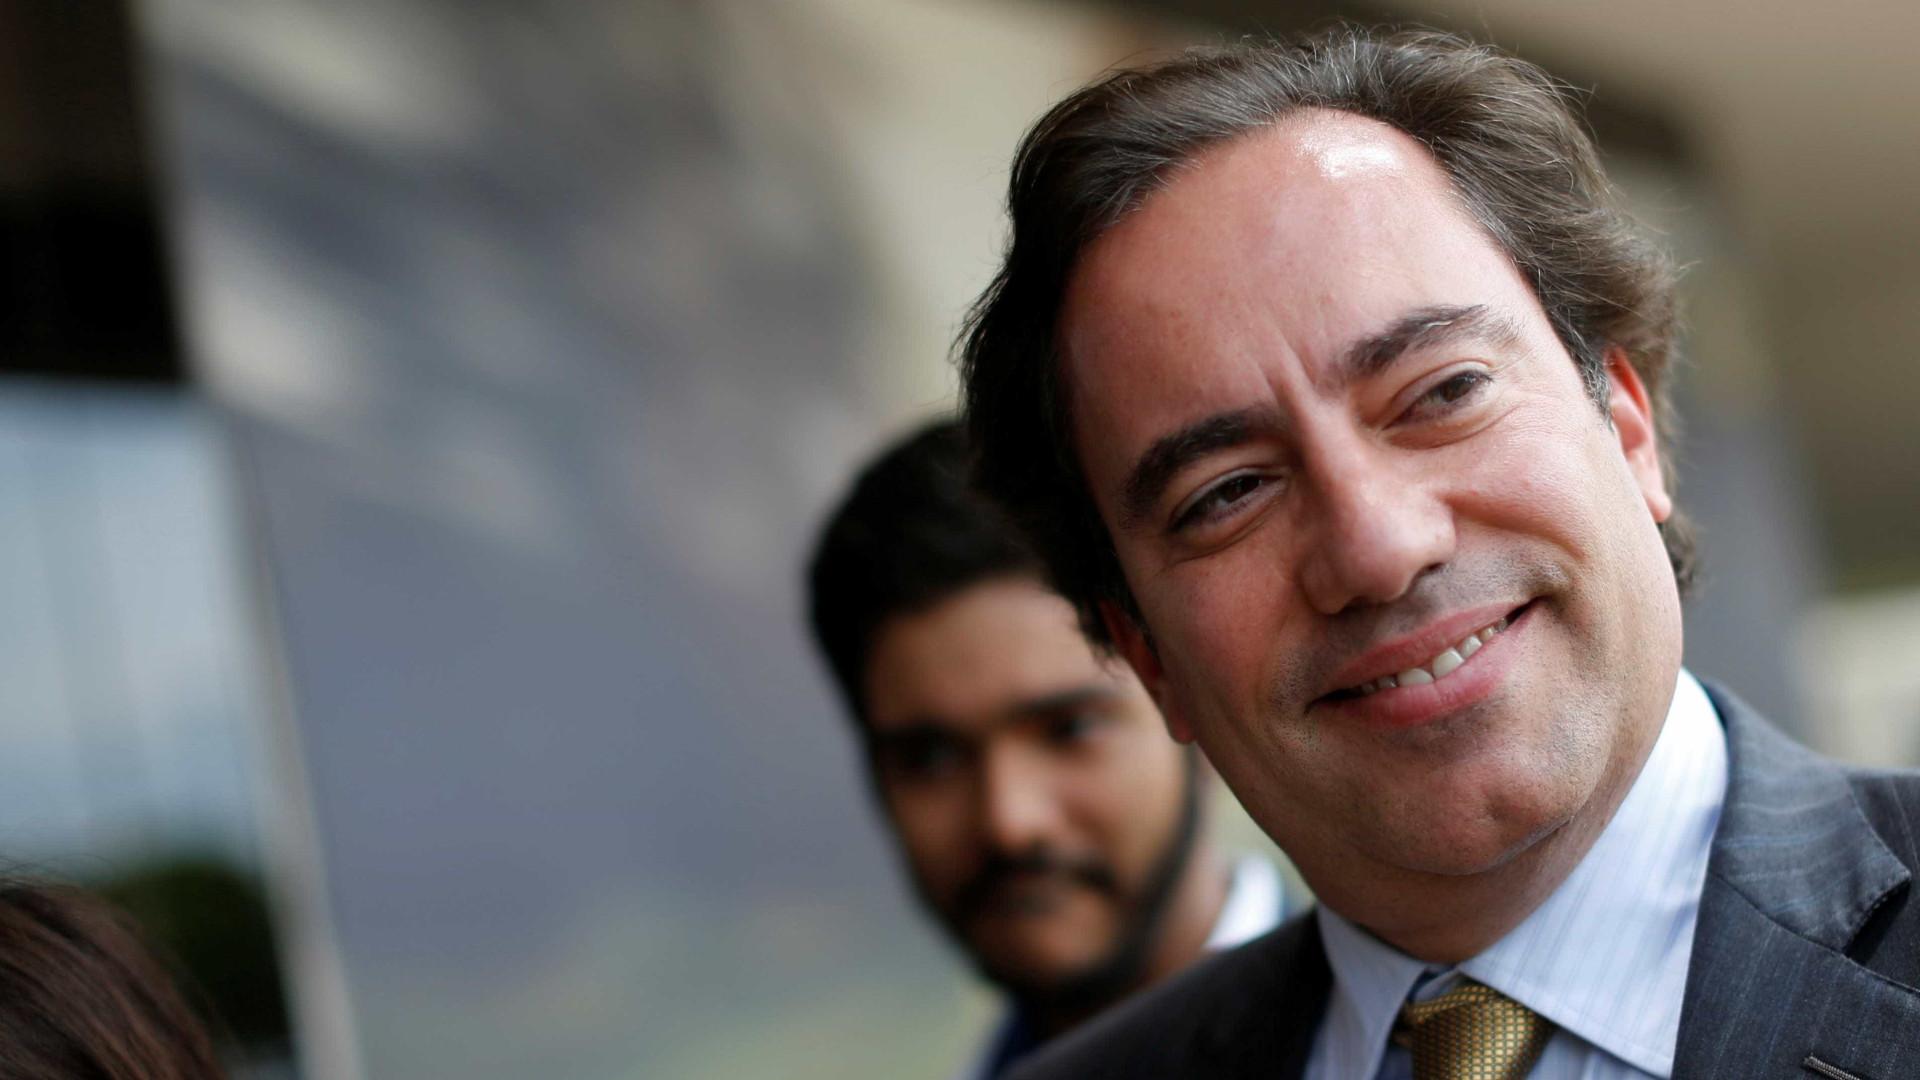 Presidente da Caixa diz que está com Covid e é o 4° infectado da comitiva de Bolsonaro